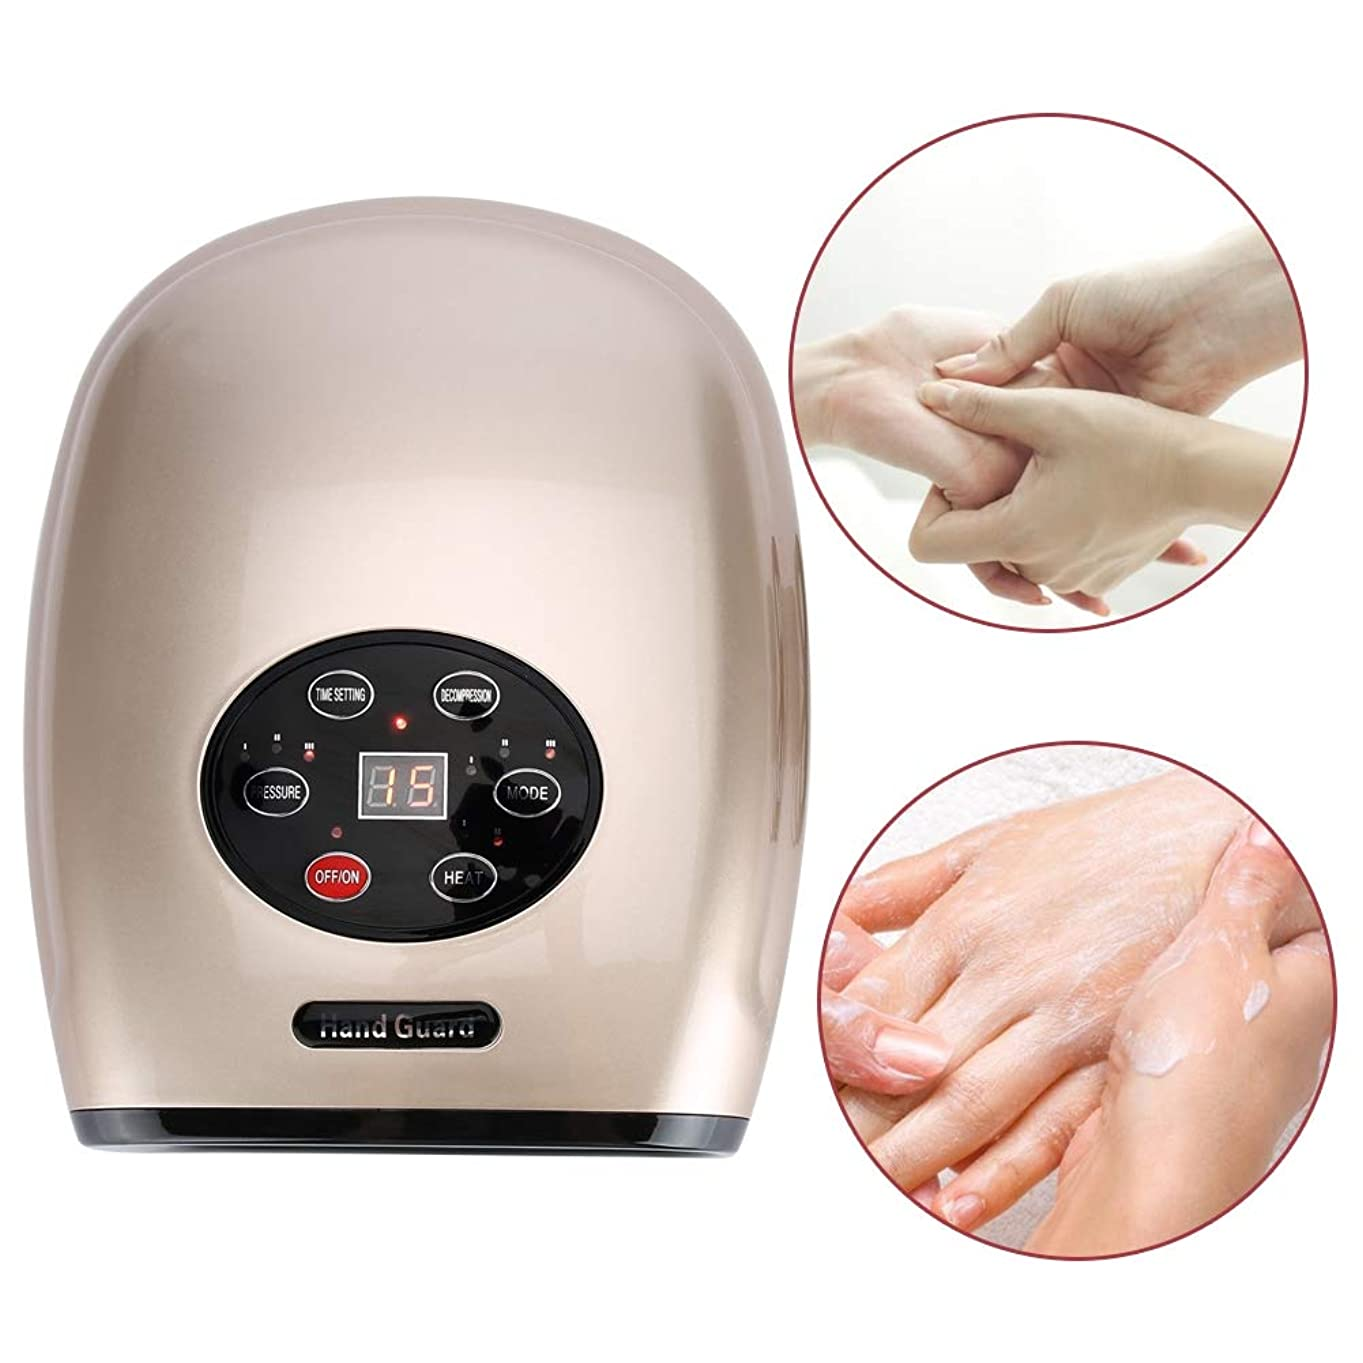 嫌悪収束によって電気指圧手のひらマッサージ、指の寒さひずみとしびれリリーフフィンガーアポイントマッサージリリーフハンドケアツール(Gold US Plug)